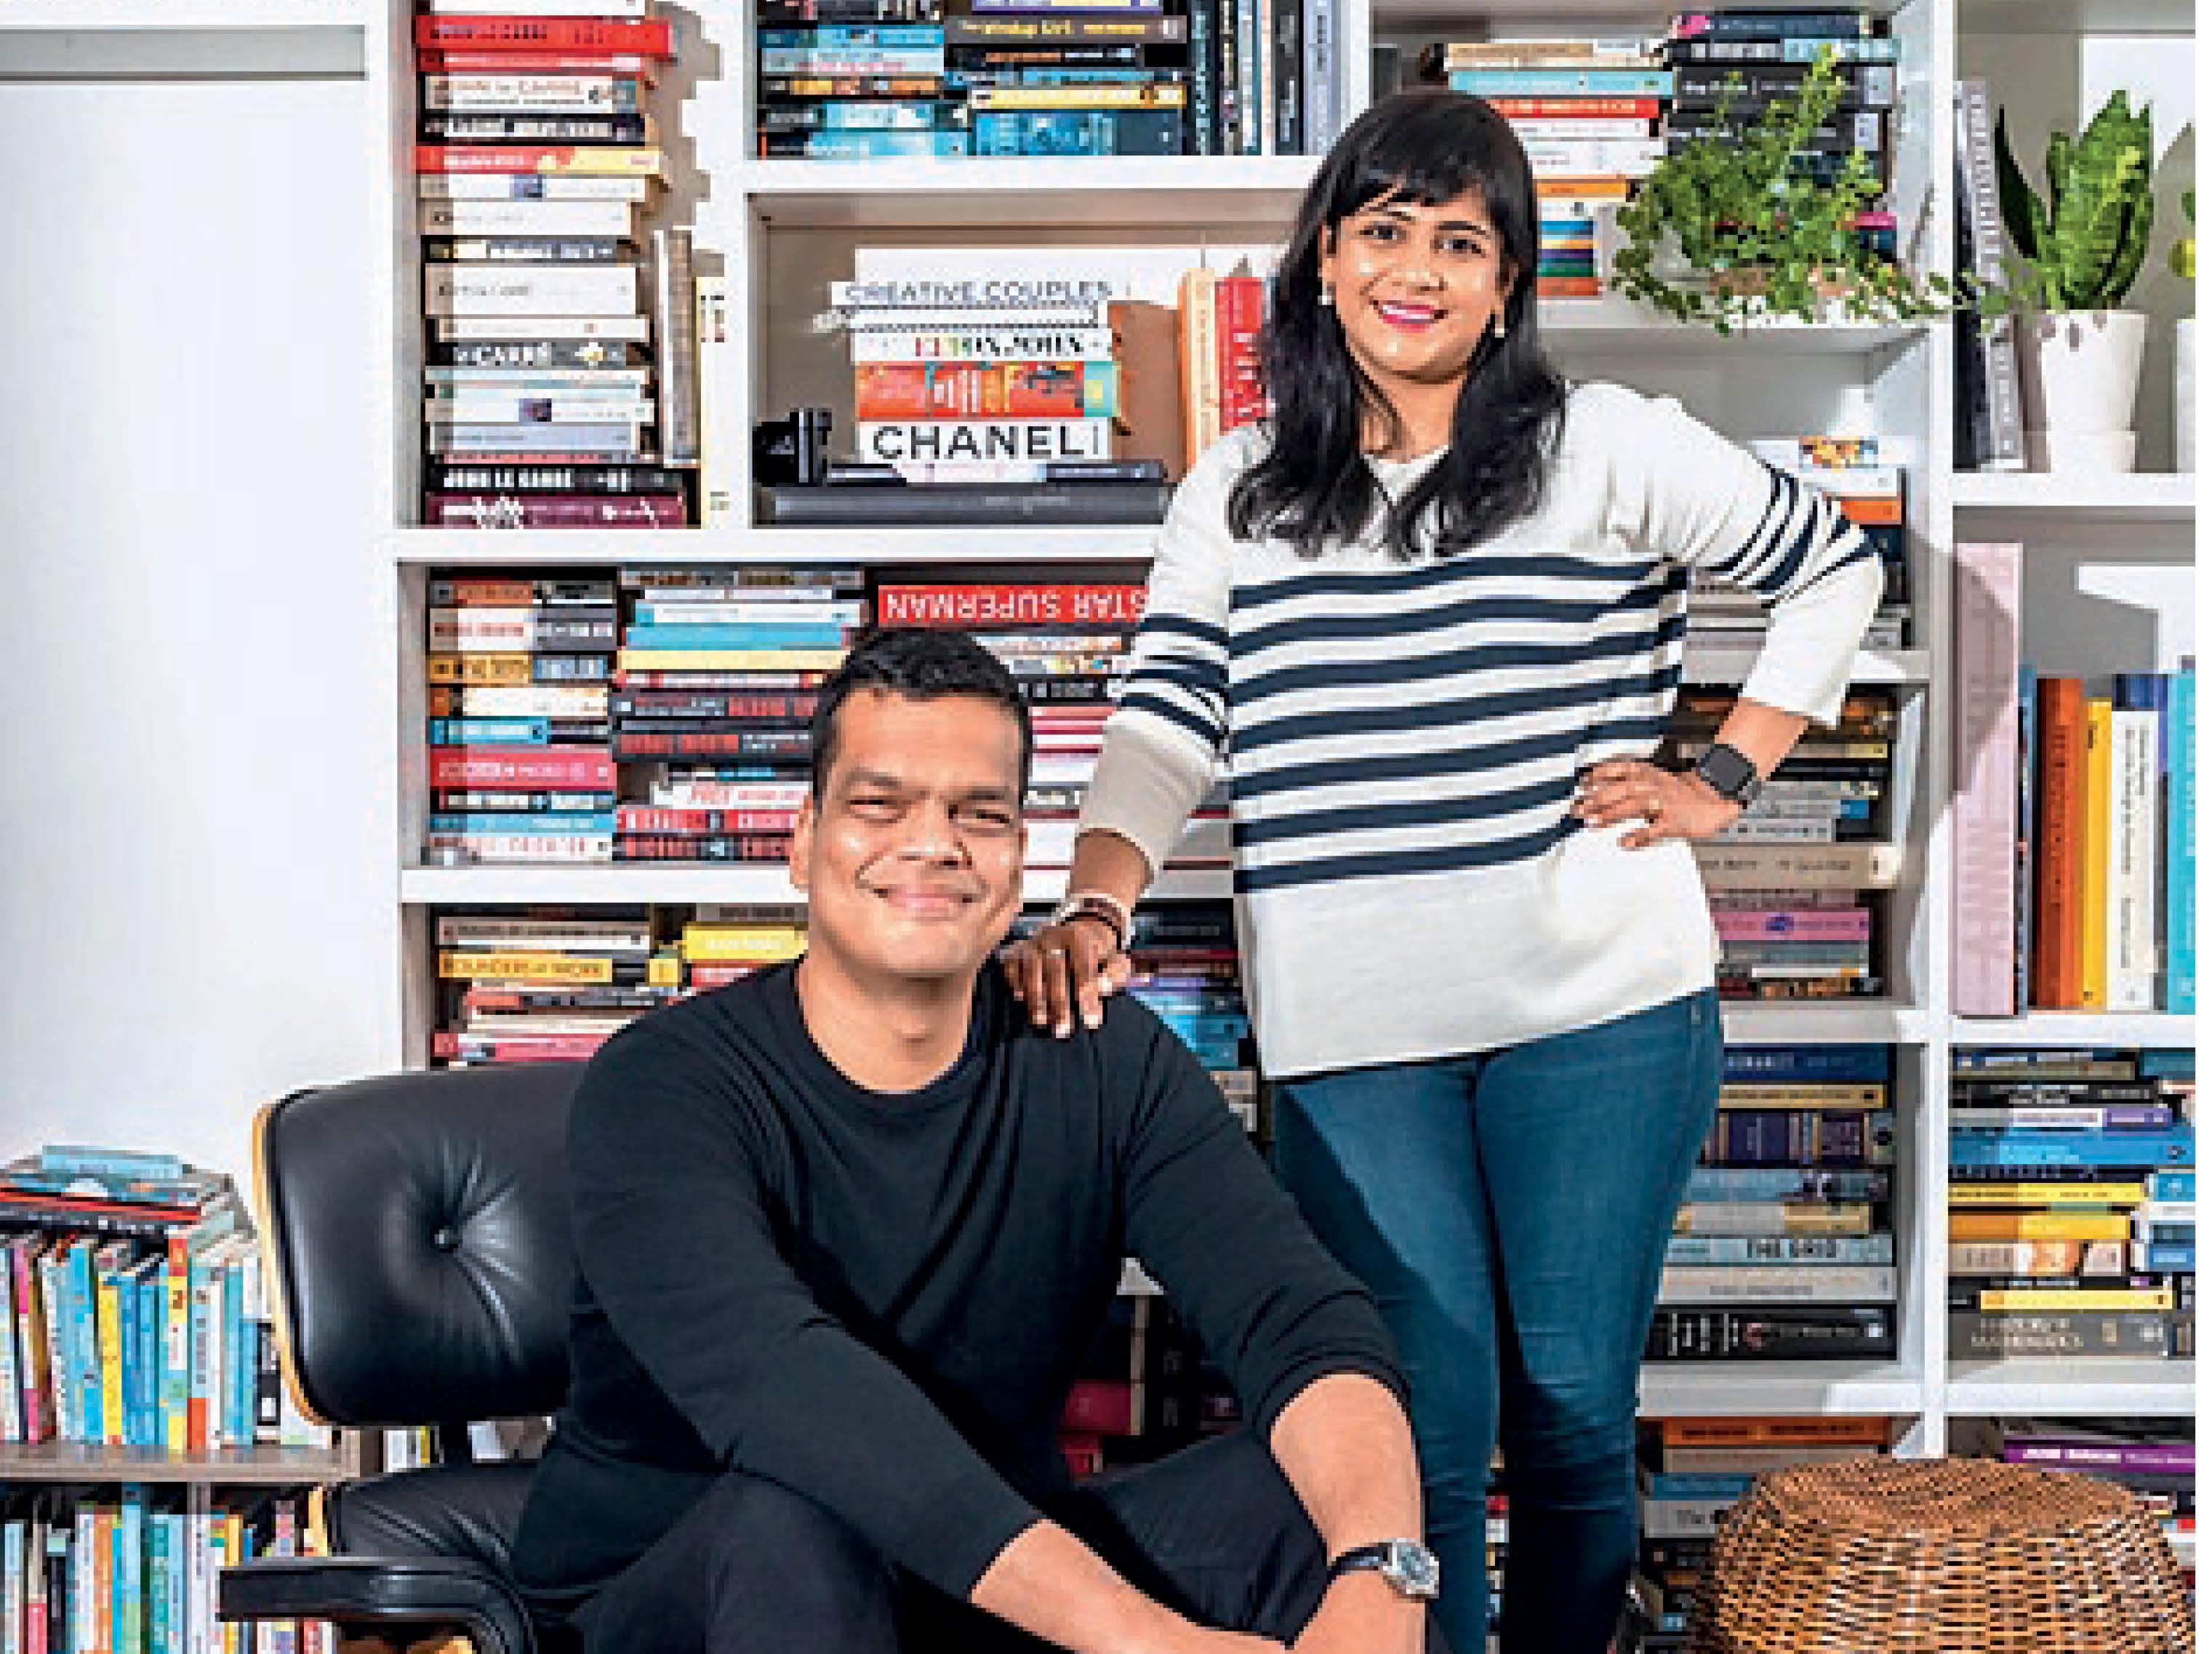 श्रीराम कृष्णन और आरती की कंपनी ऑडियो ऐप क्लबहाउस की नेट वर्थ 29 हजार करोड़ रुपए हुई|विदेश,International - Dainik Bhaskar